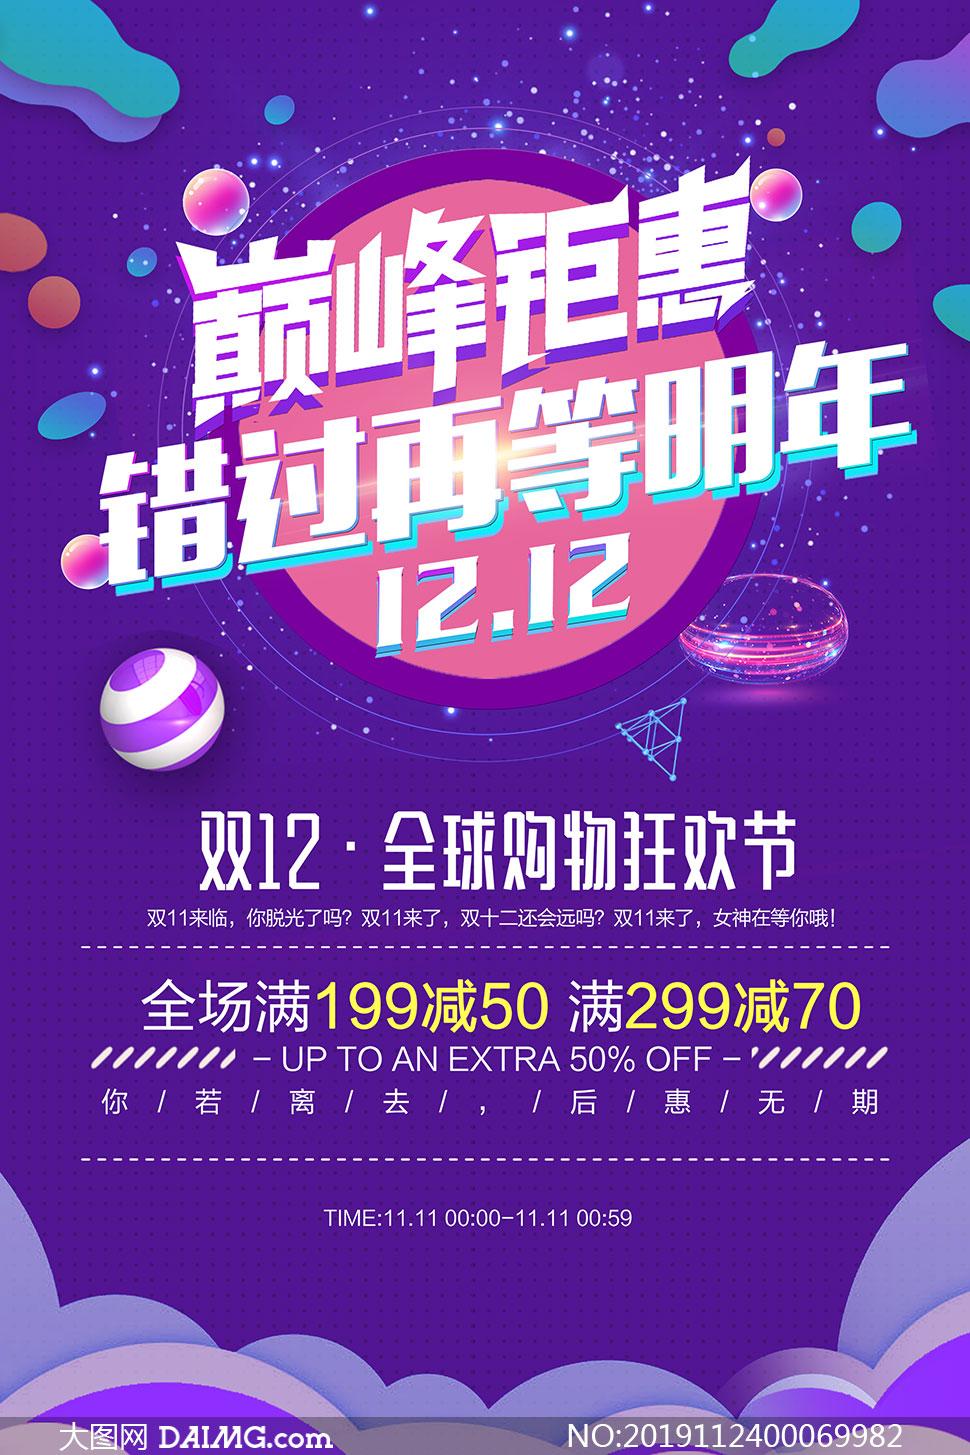 双12全球购物狂欢节海报设计PSD素材